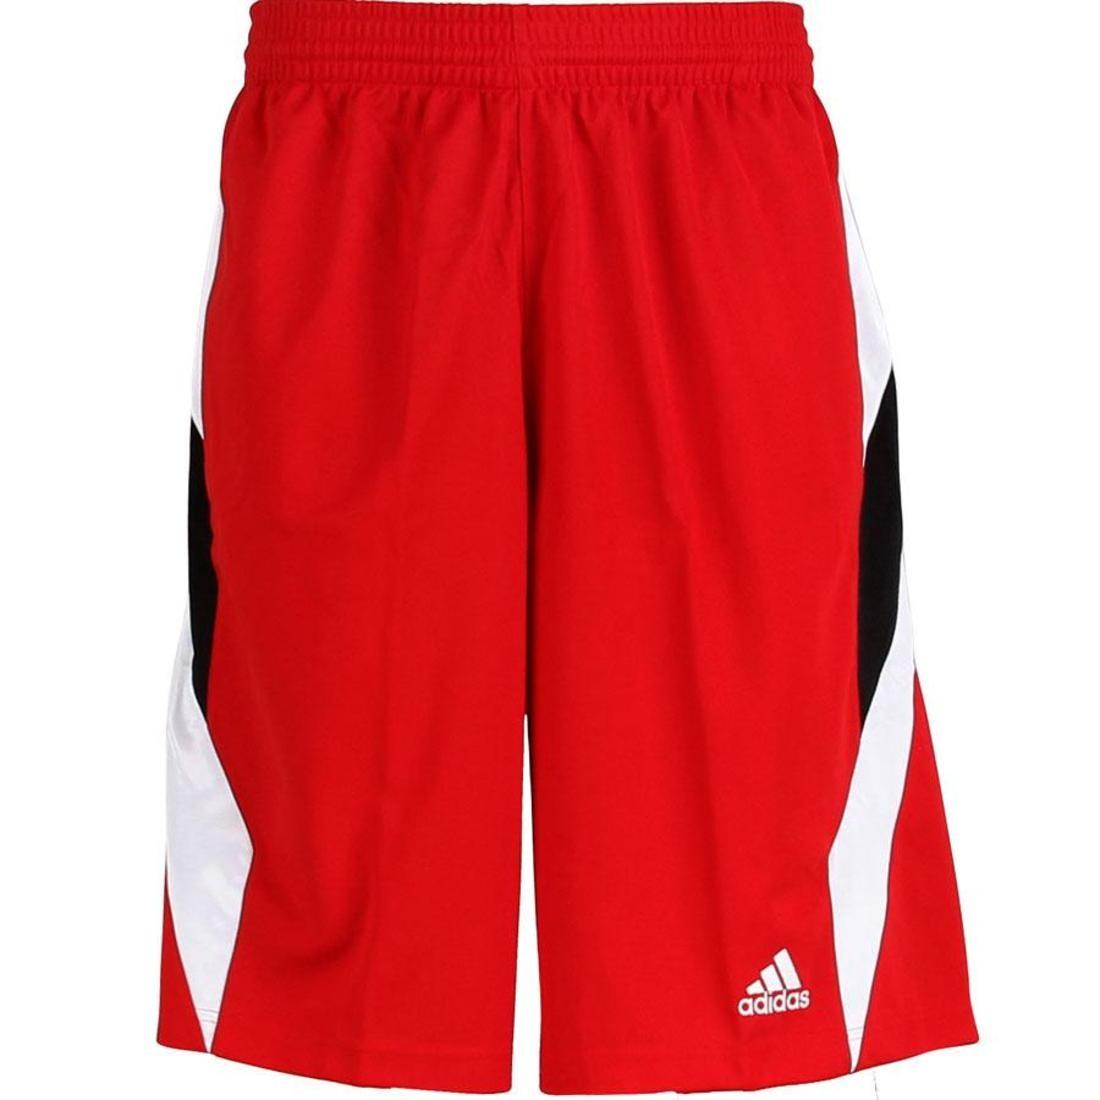 アディダス ADIDAS ショーツ ハーフパンツ 赤 レッド メンズファッション ズボン パンツ メンズ 【 Downtown Short5 Shorts (university Red / White) 】 University Red / White